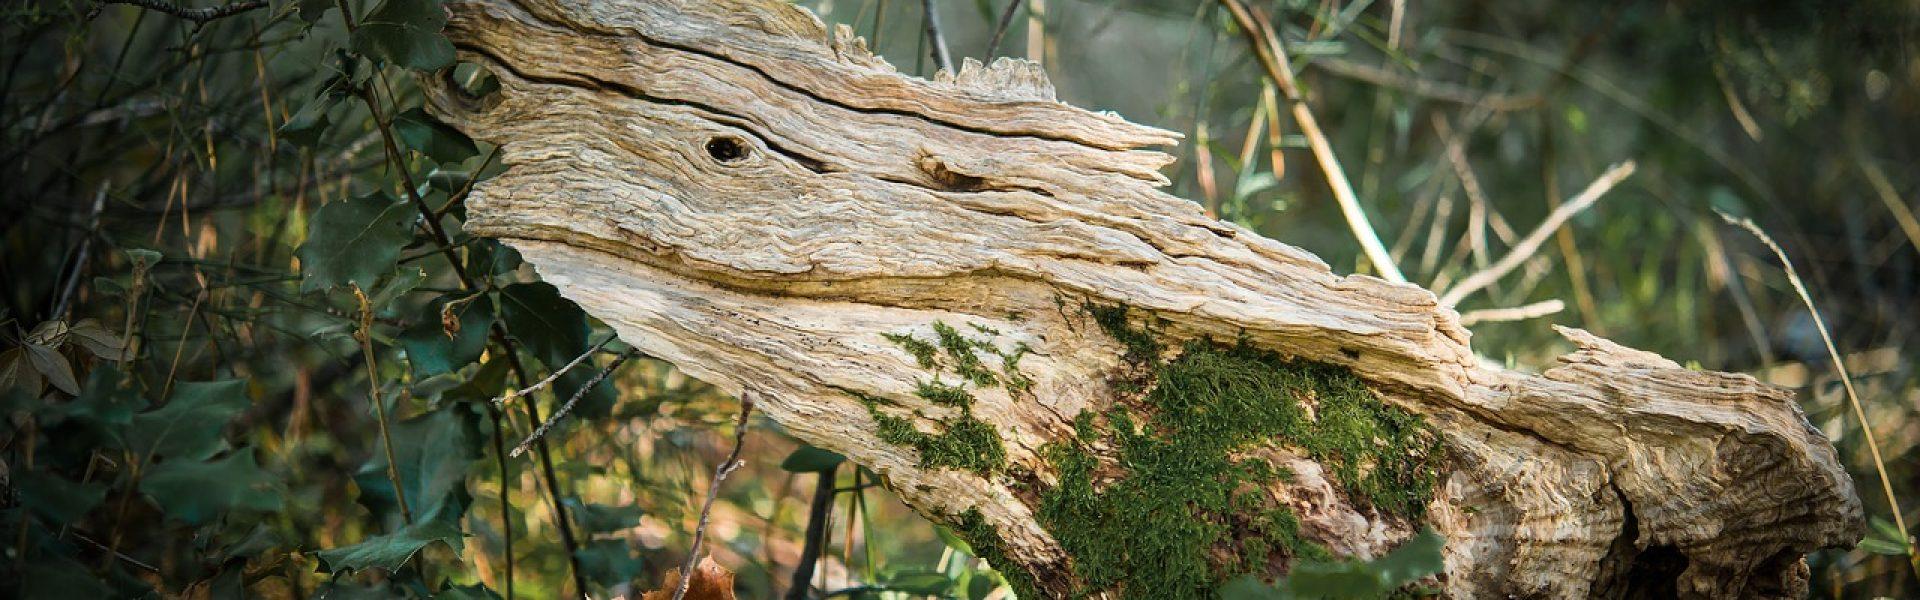 Ratgeber Holzskulpturen Kunstwerke Aus Naturlichen Rohstoffen